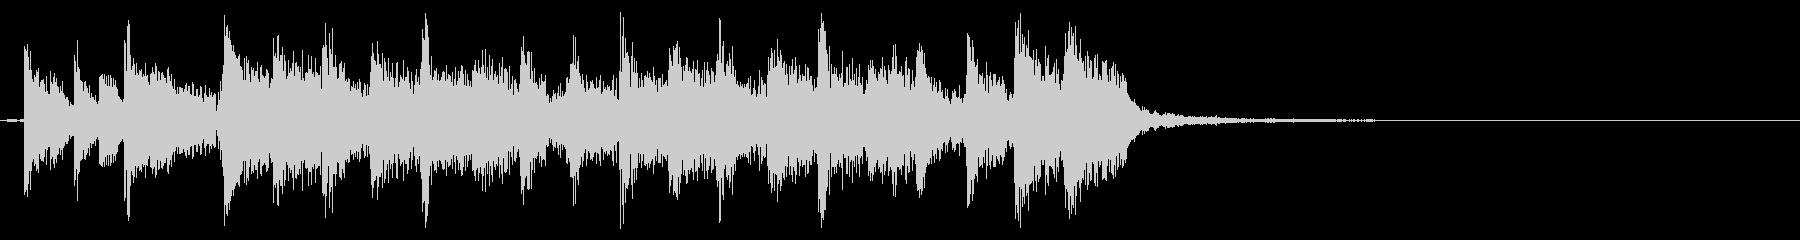 オールドスクールなロック系アイキャッチの未再生の波形